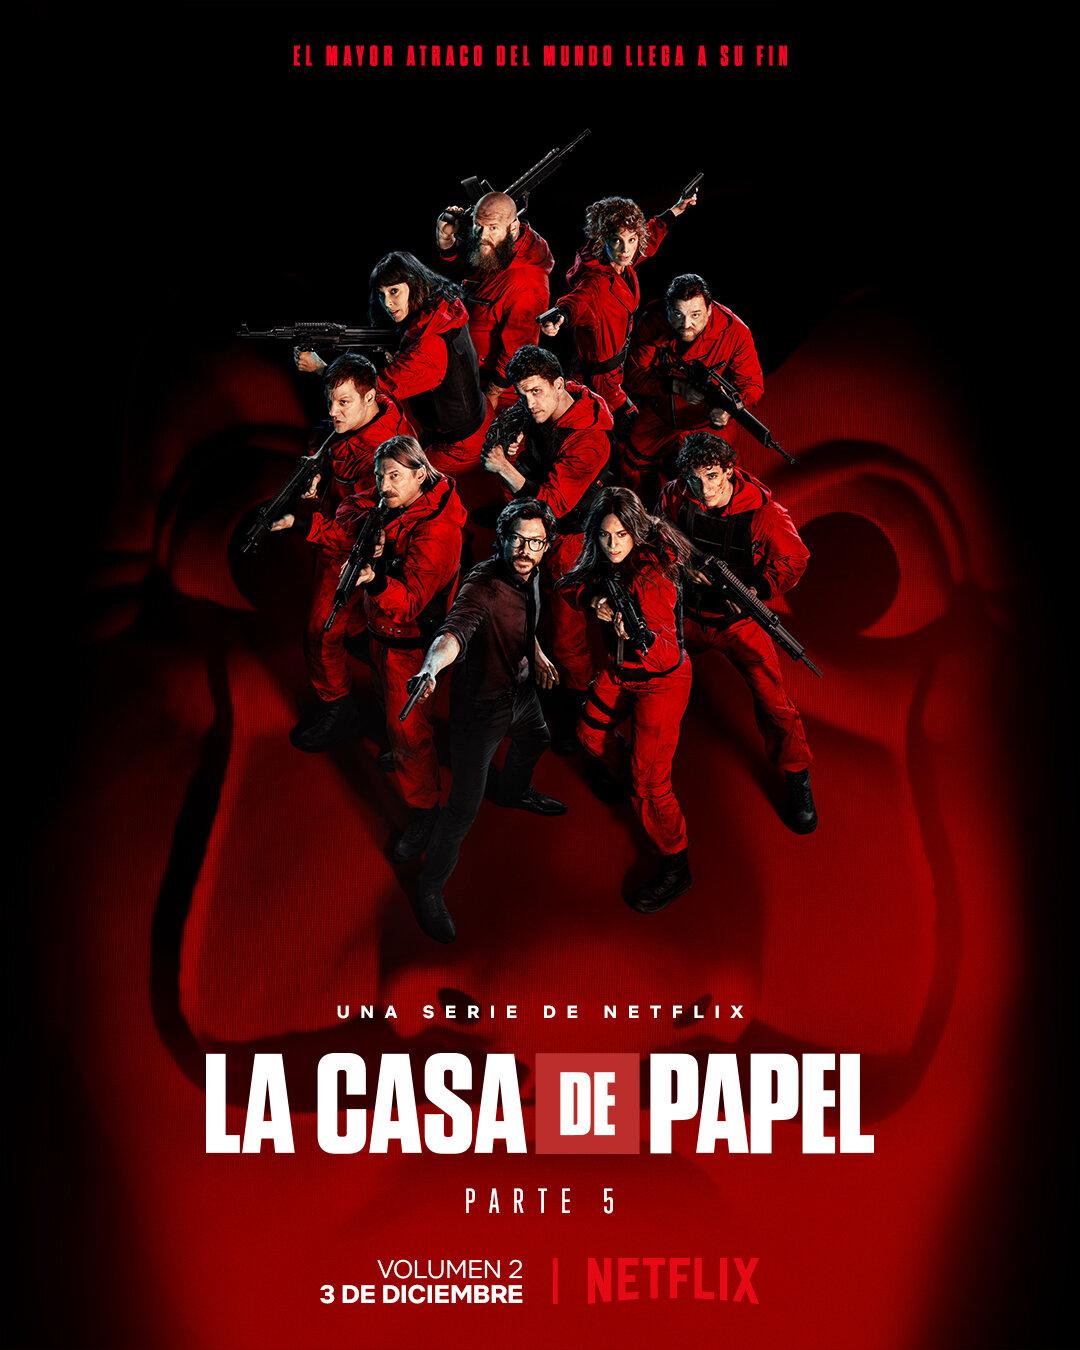 La Casa De Papel ne zaman